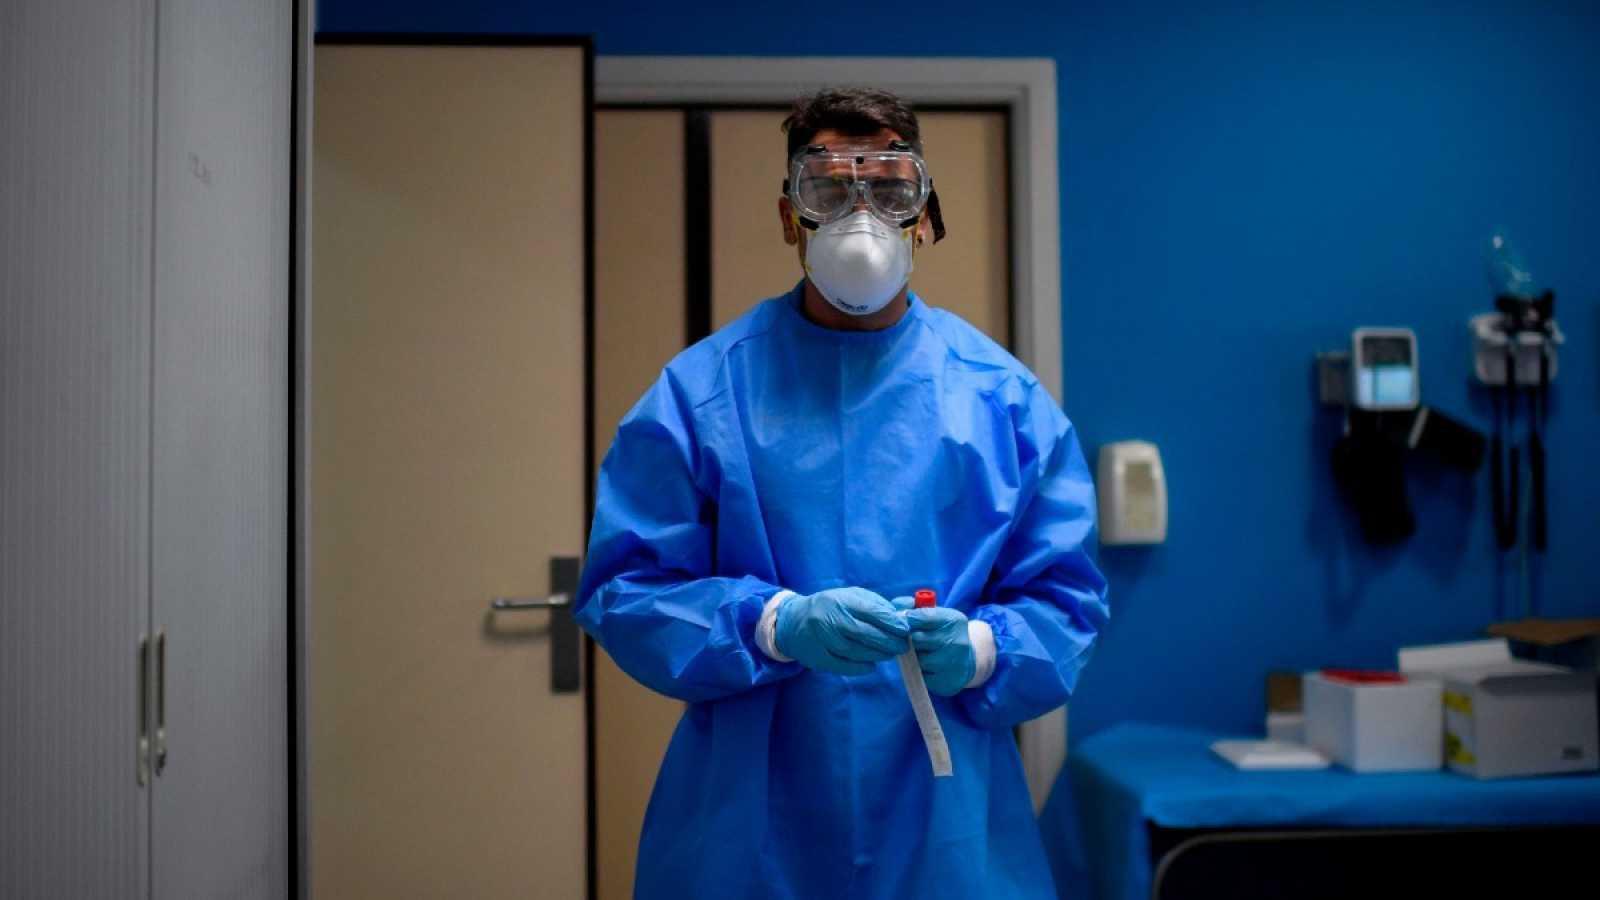 Un sanitario, con equipo de protección, sostiene una muestra en un centro de pruebas en Madrid, este agosto.